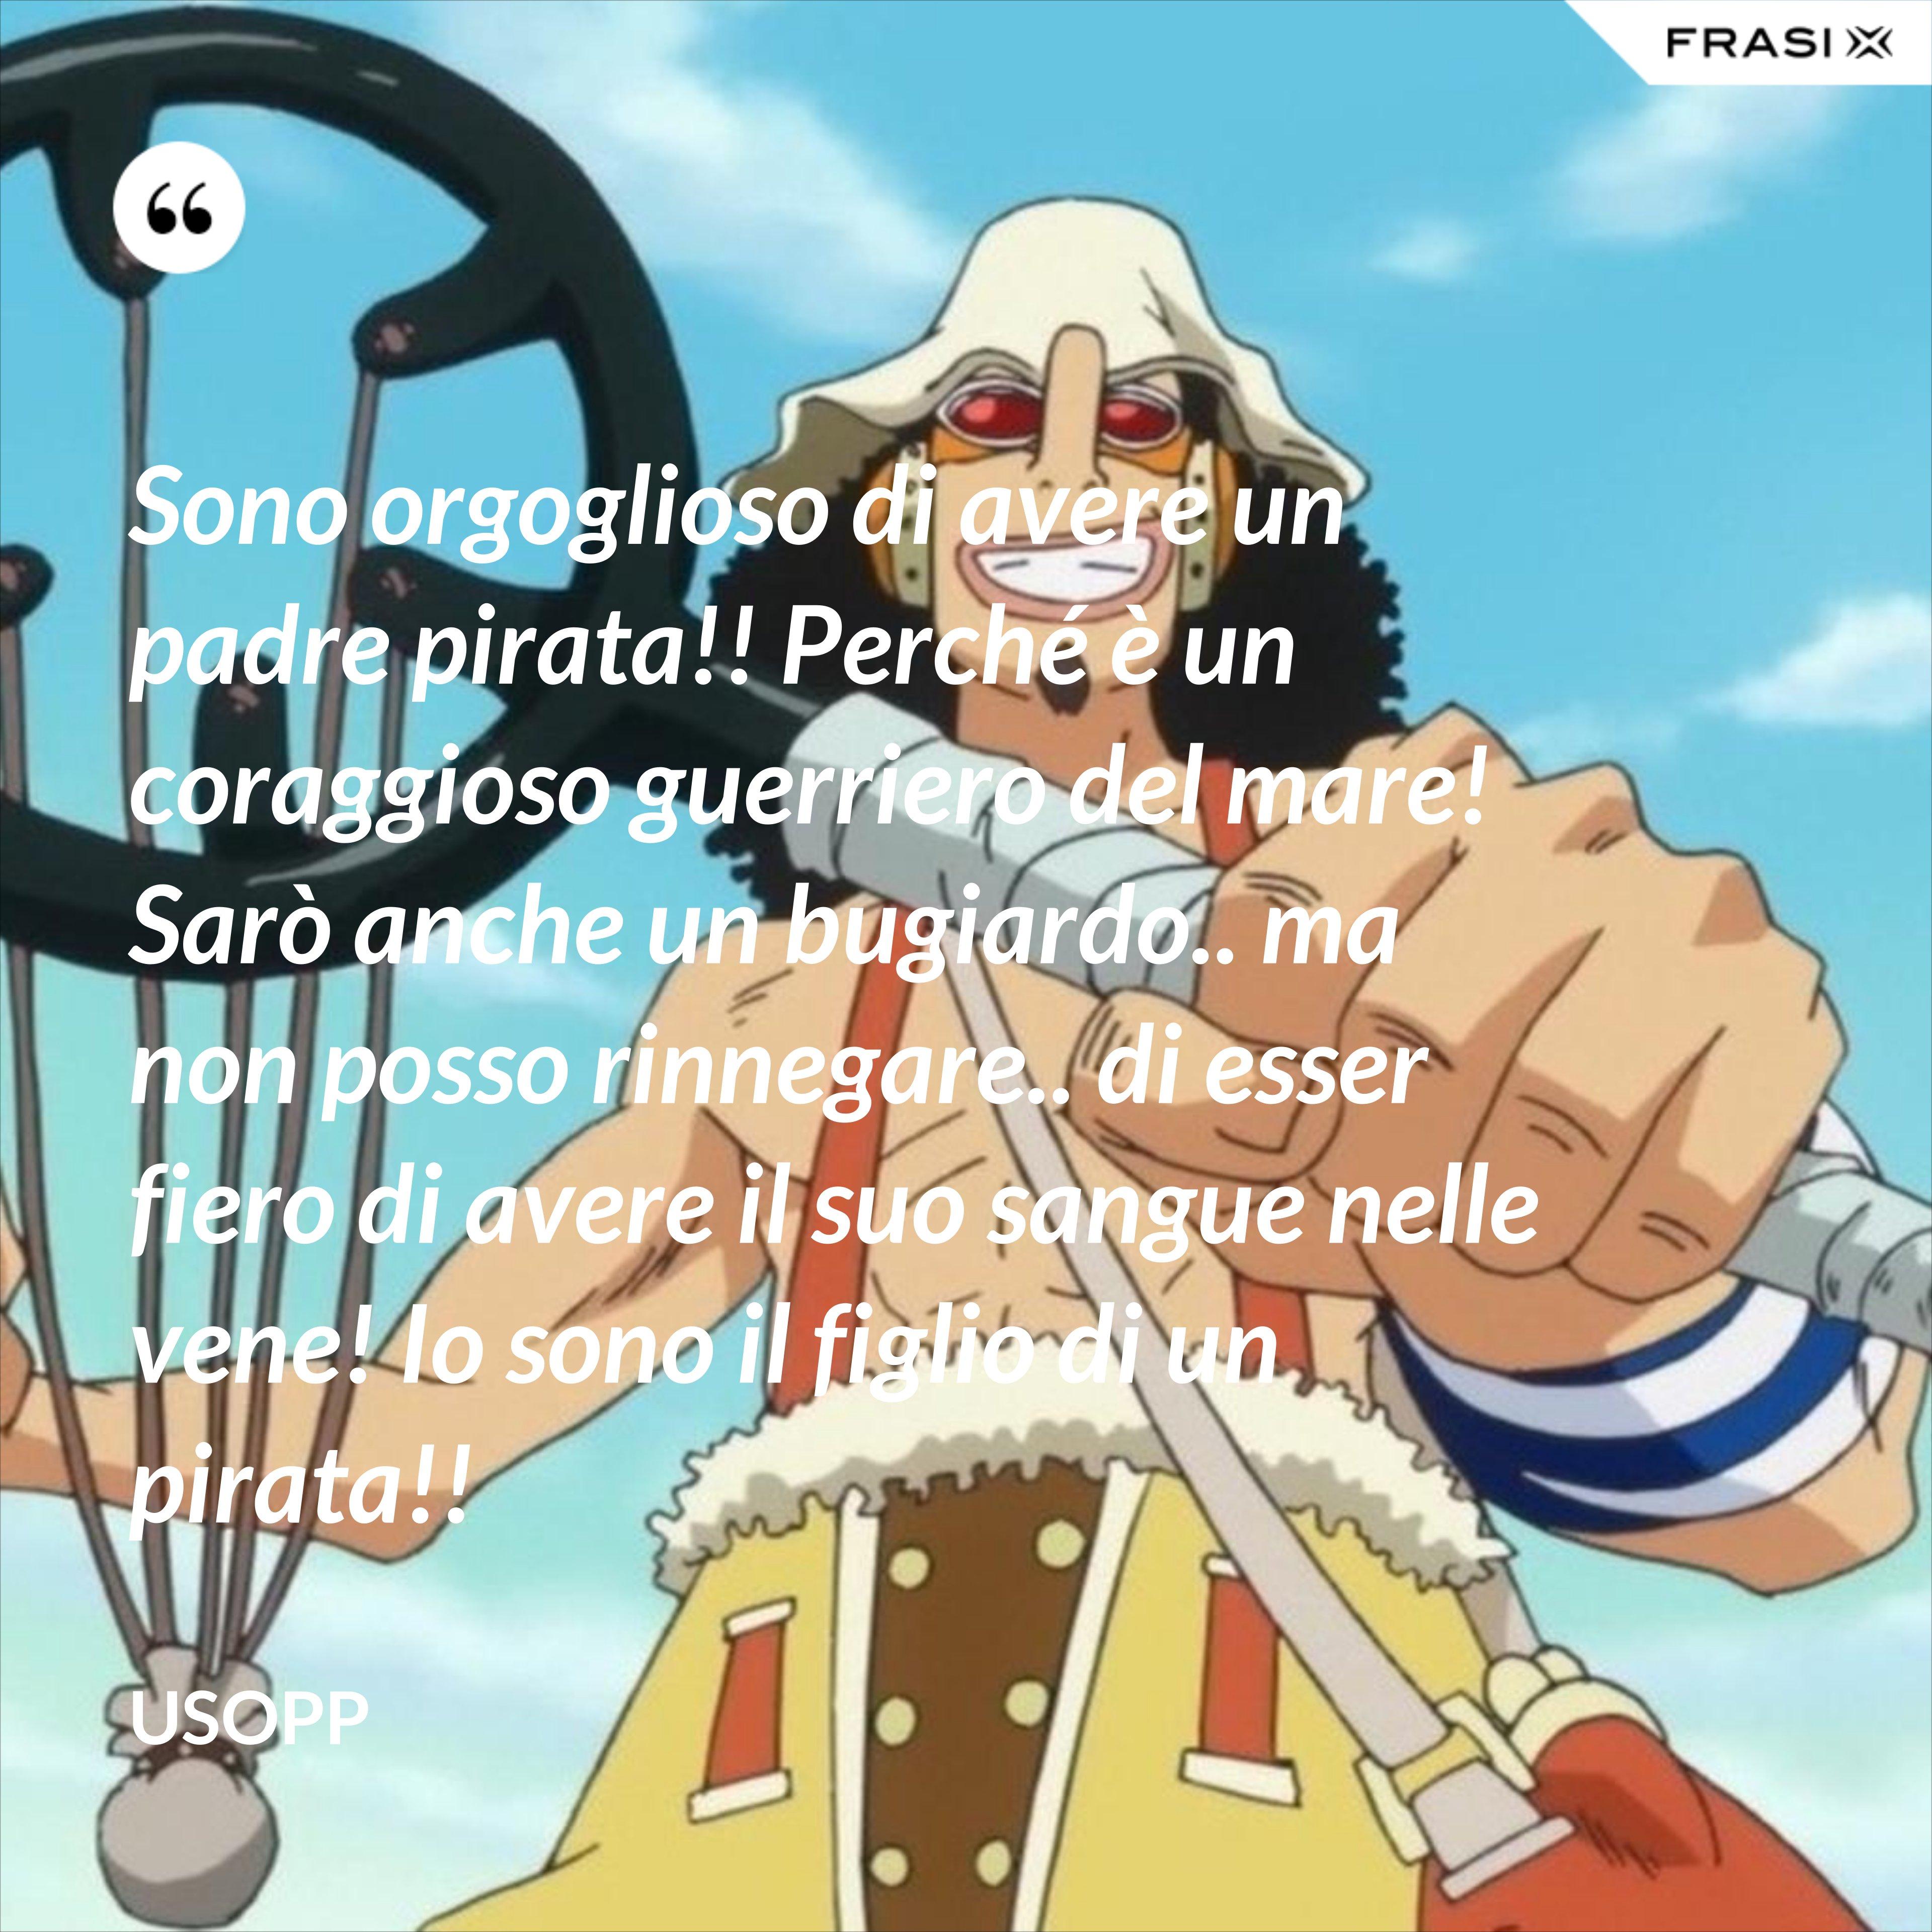 Sono orgoglioso di avere un padre pirata!! Perché è un coraggioso guerriero del mare! Sarò anche un bugiardo.. ma non posso rinnegare.. di esser fiero di avere il suo sangue nelle vene! Io sono il figlio di un pirata!! - Usopp